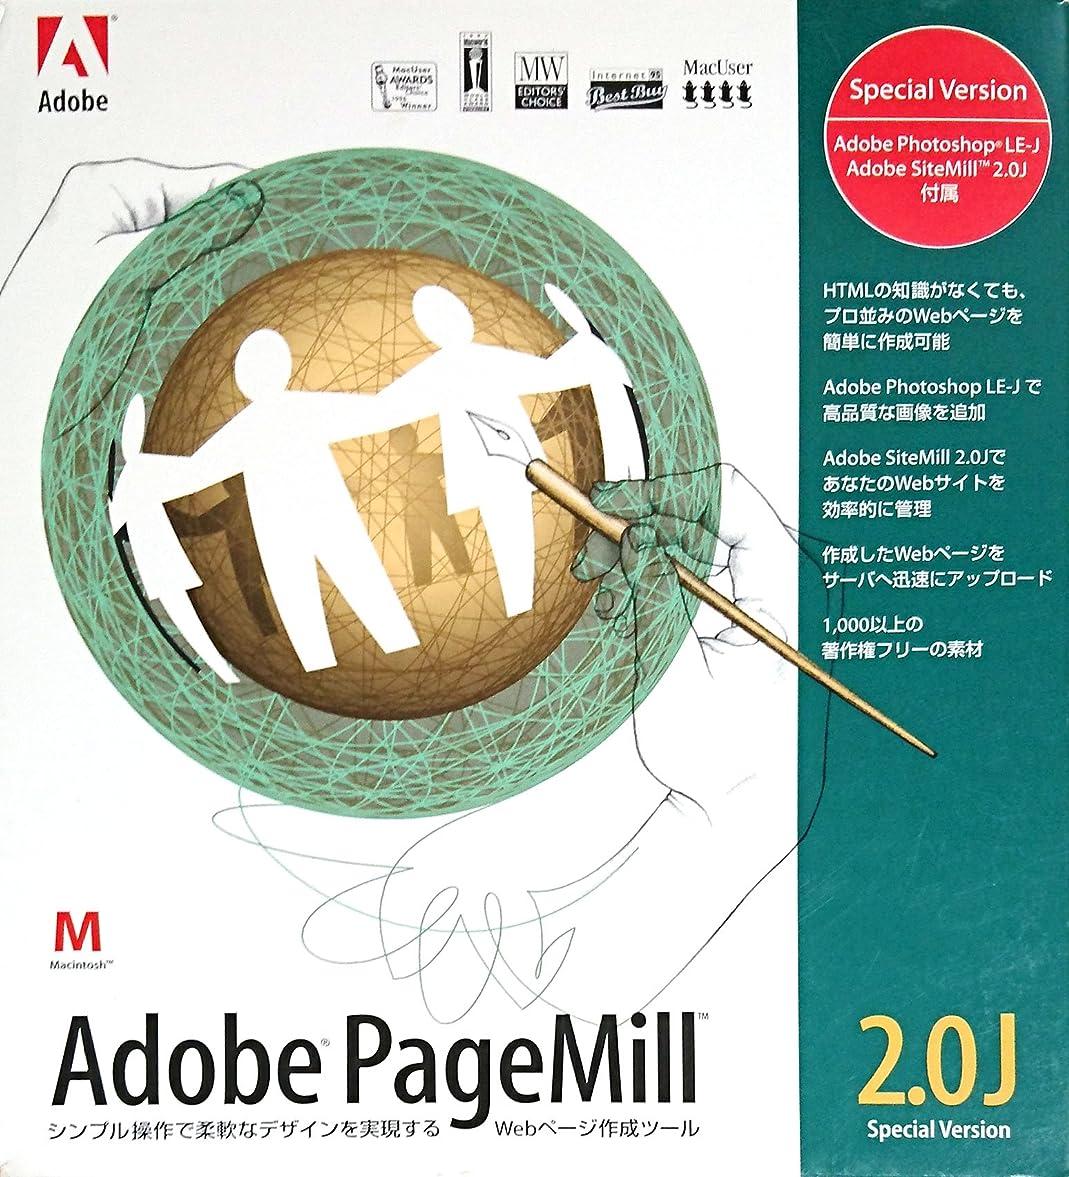 織るパーツジョブAdobe PageMill 2.0J Special Version Macintosh